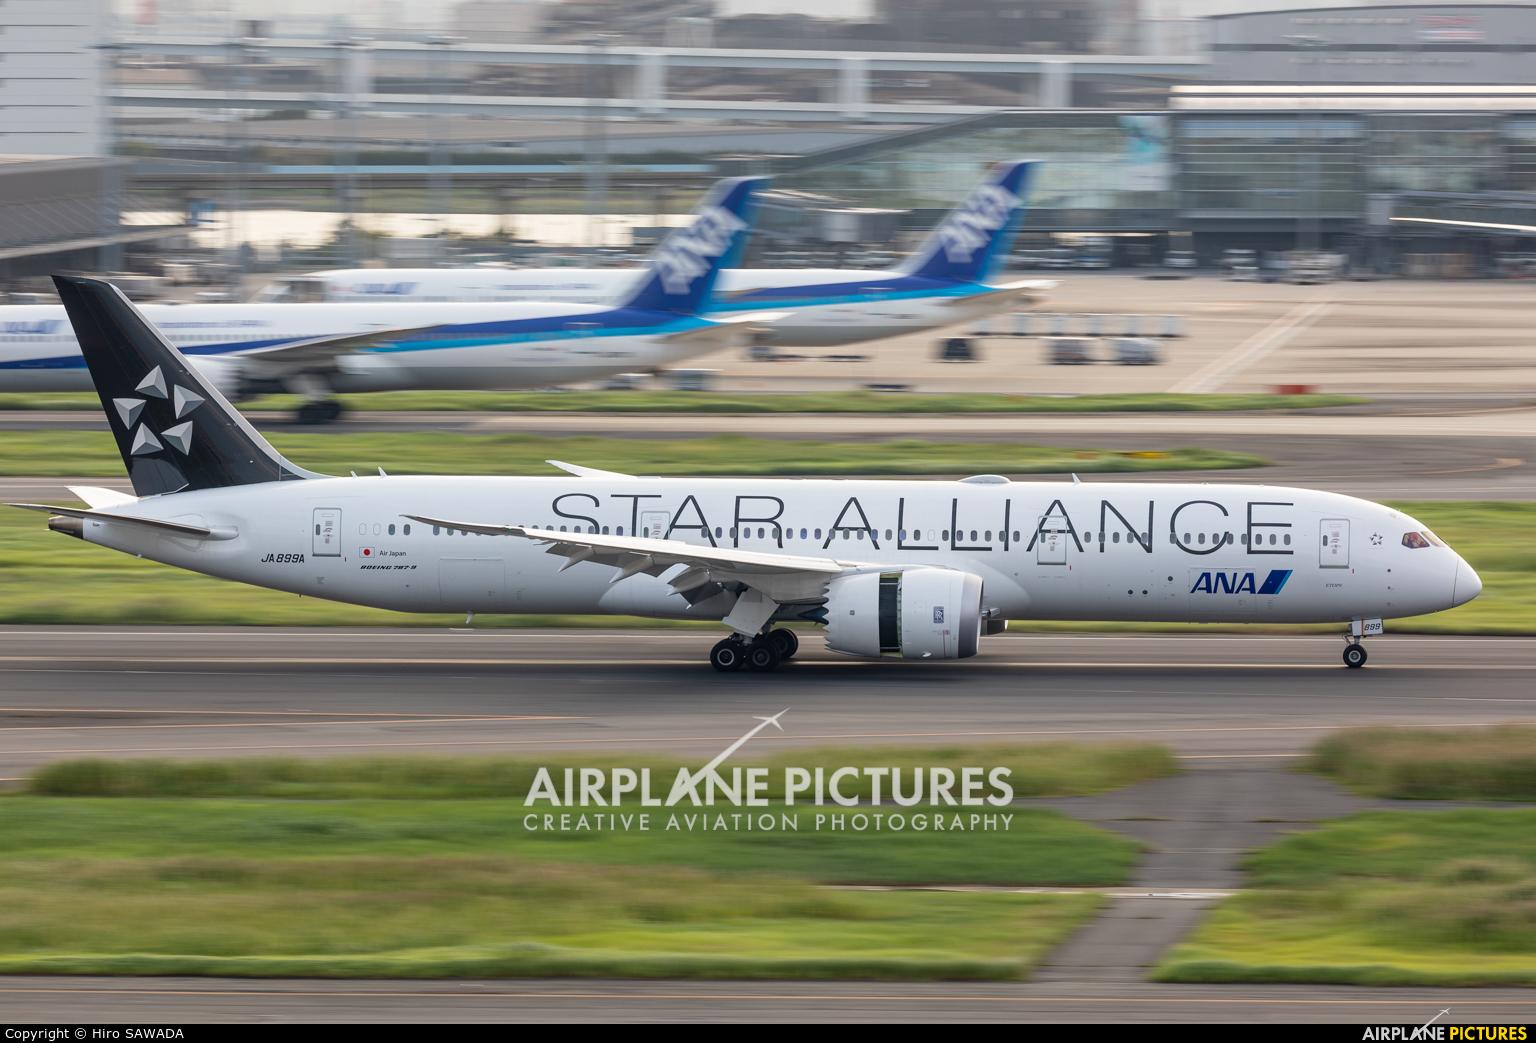 ANA - All Nippon Airways JA899A aircraft at Tokyo - Haneda Intl